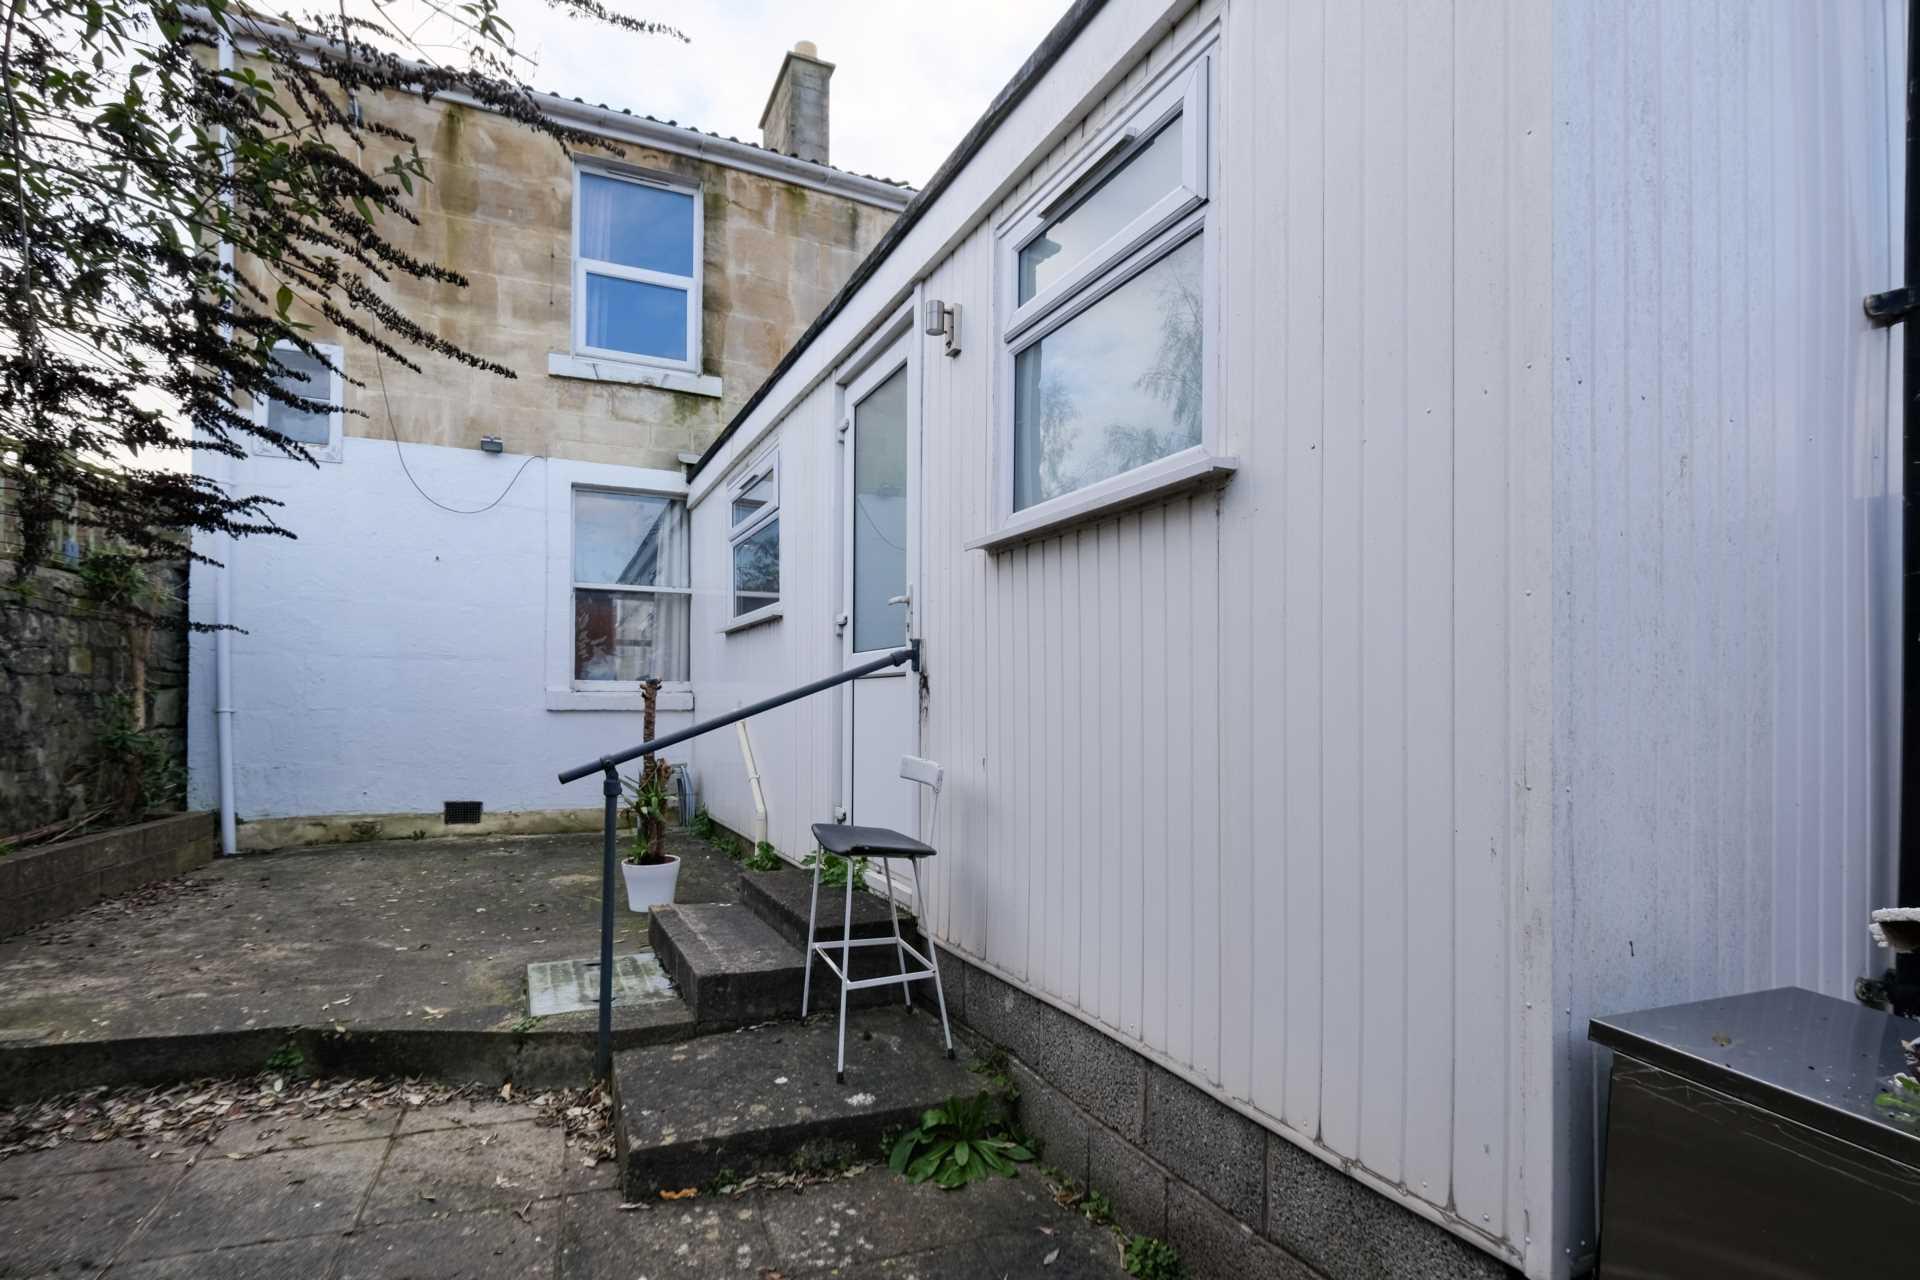 Southview Road, Bath, Image 9